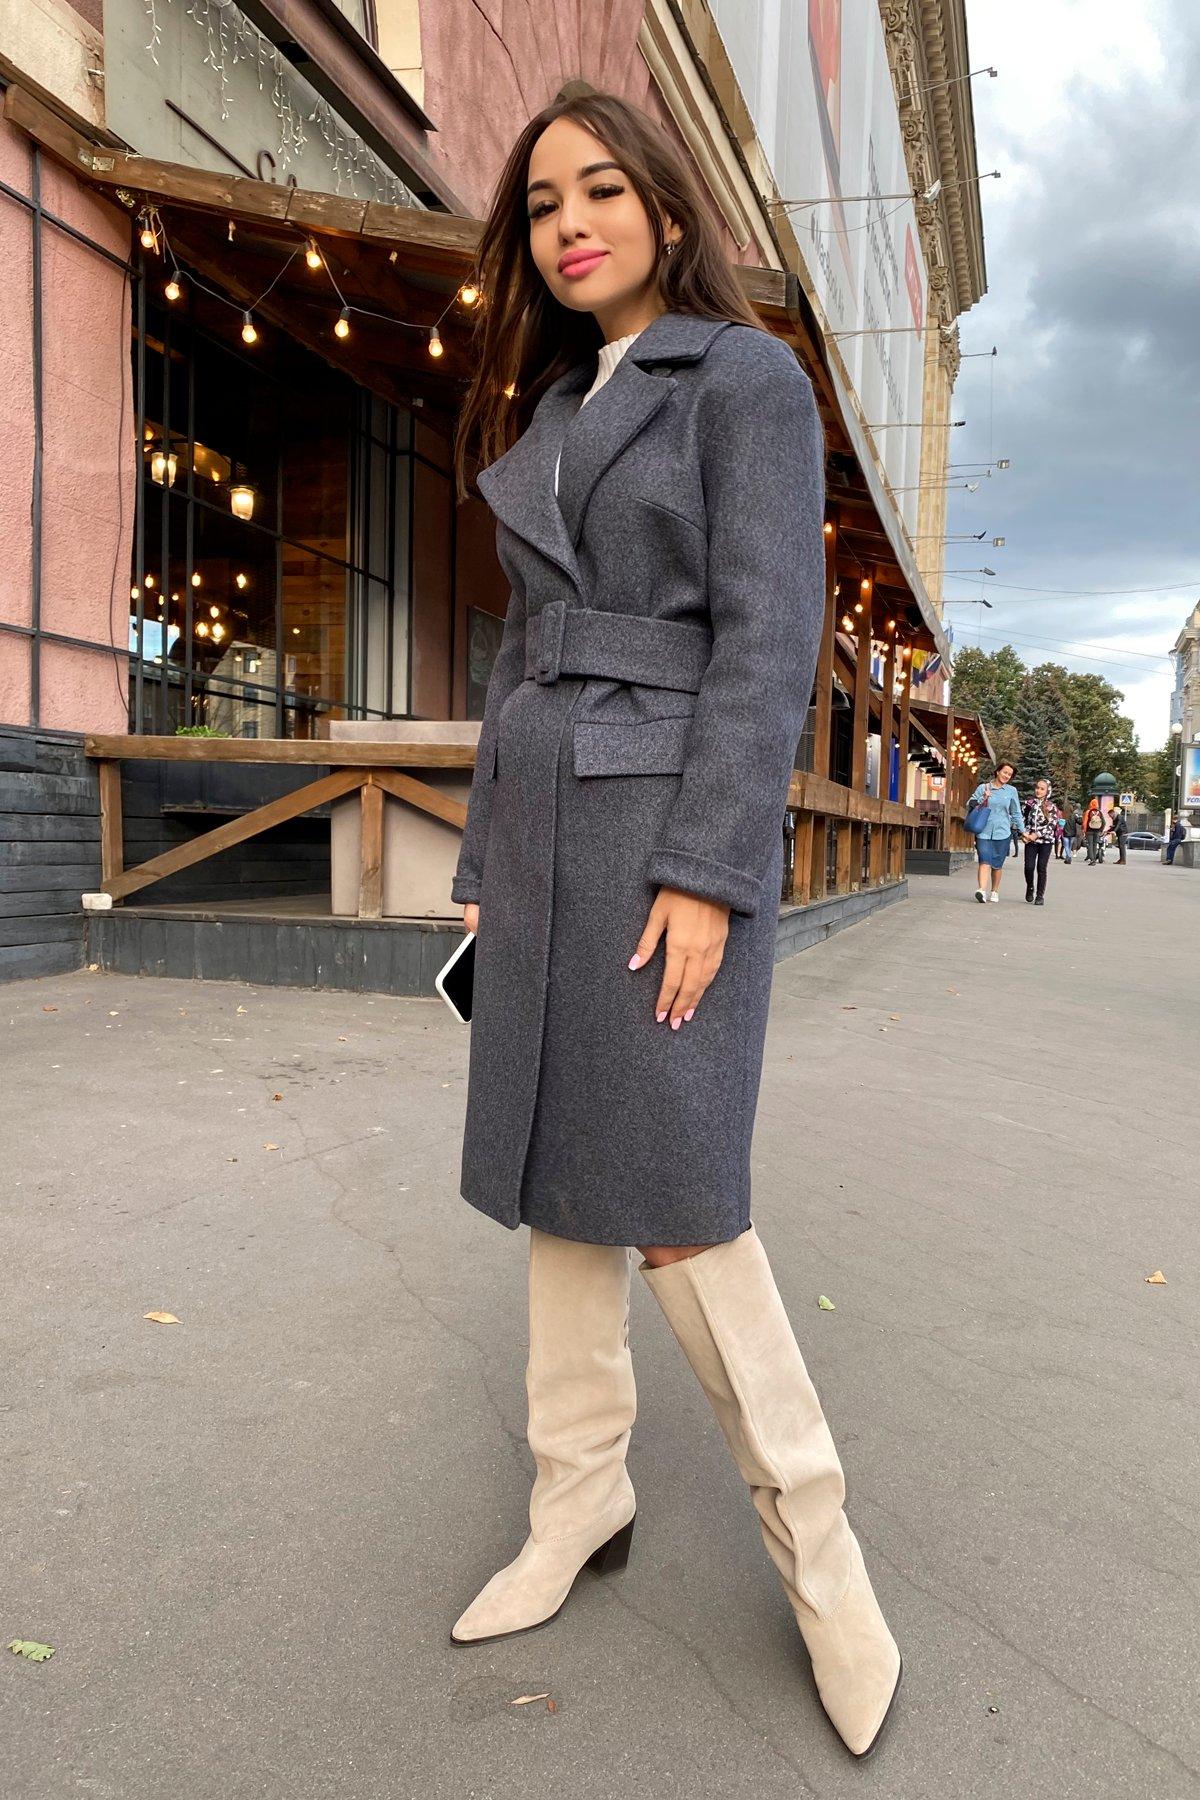 Зимнее пальто с отложным воротником Моле 8085 АРТ. 44036 Цвет: Т.синий 543 - фото 5, интернет магазин tm-modus.ru